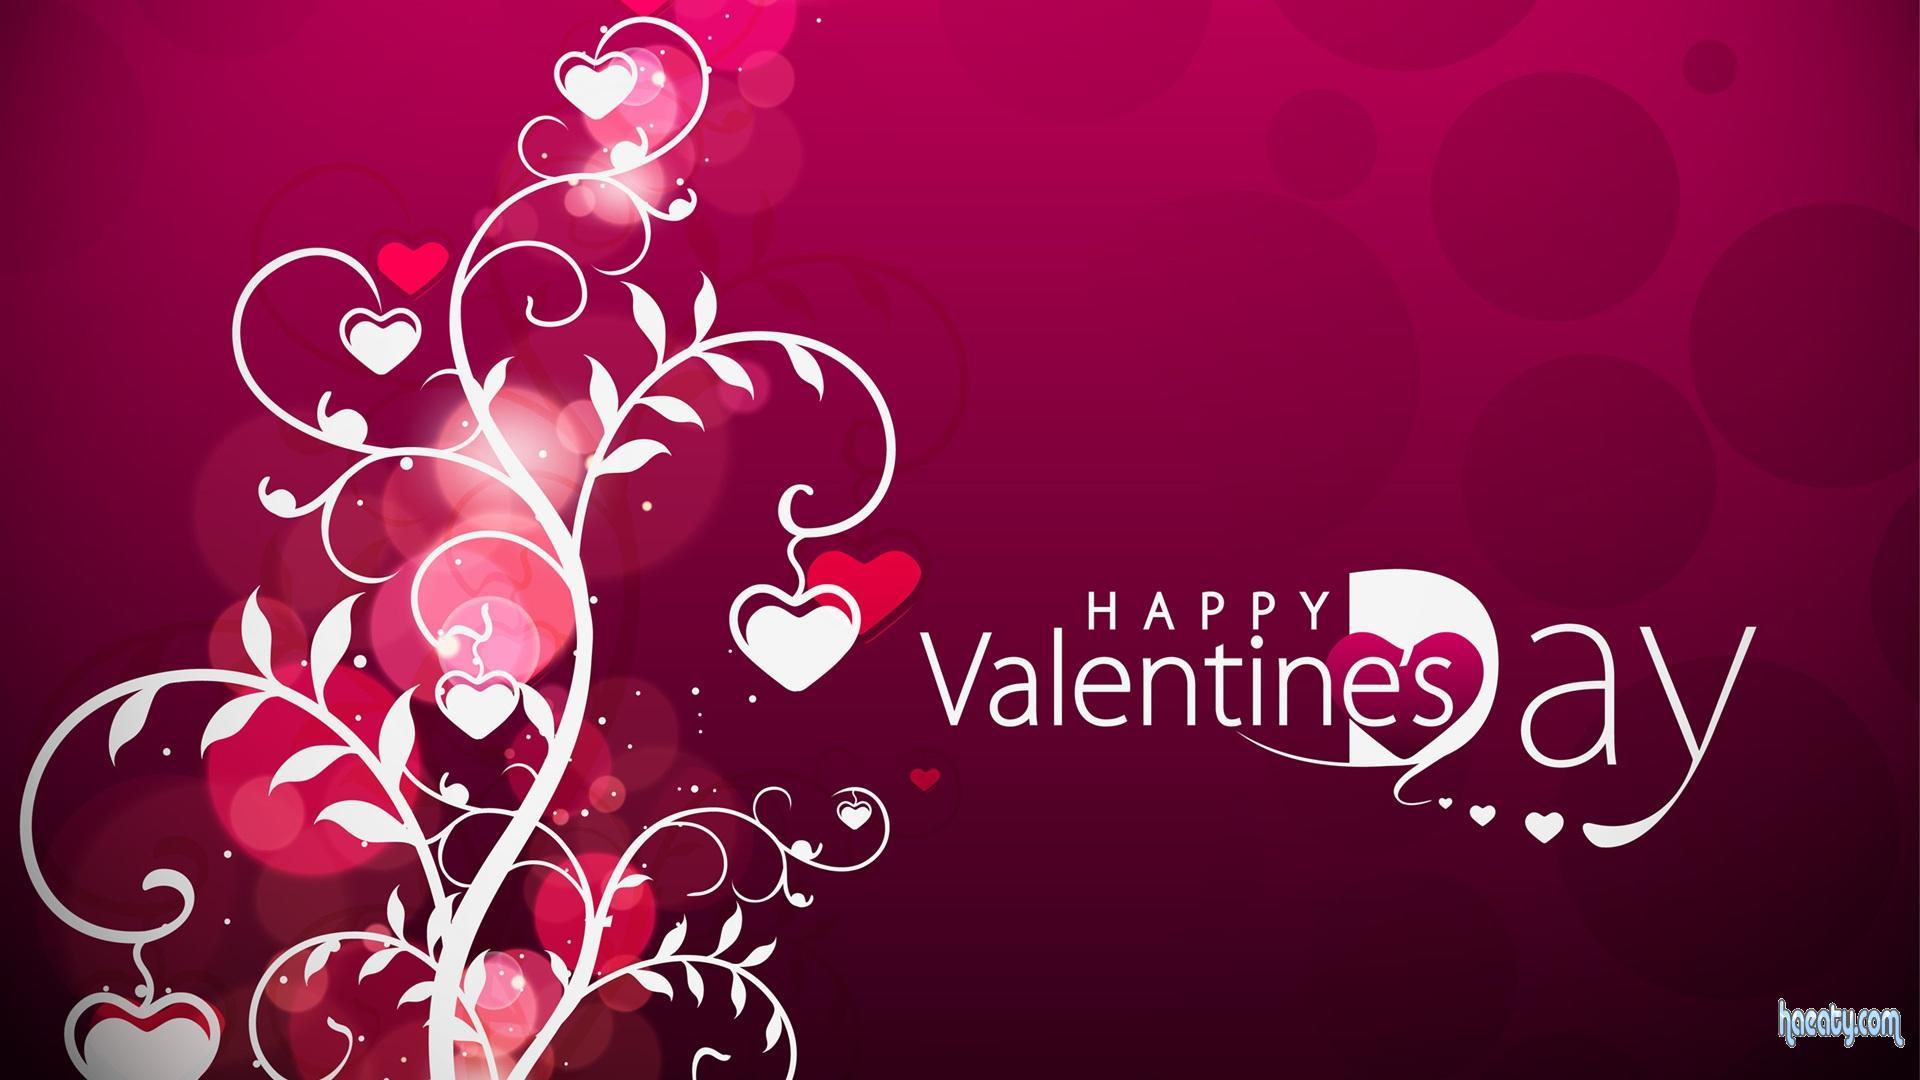 الفلانتين داي2014-Download Happy Valentines Background 139168700349.jpg